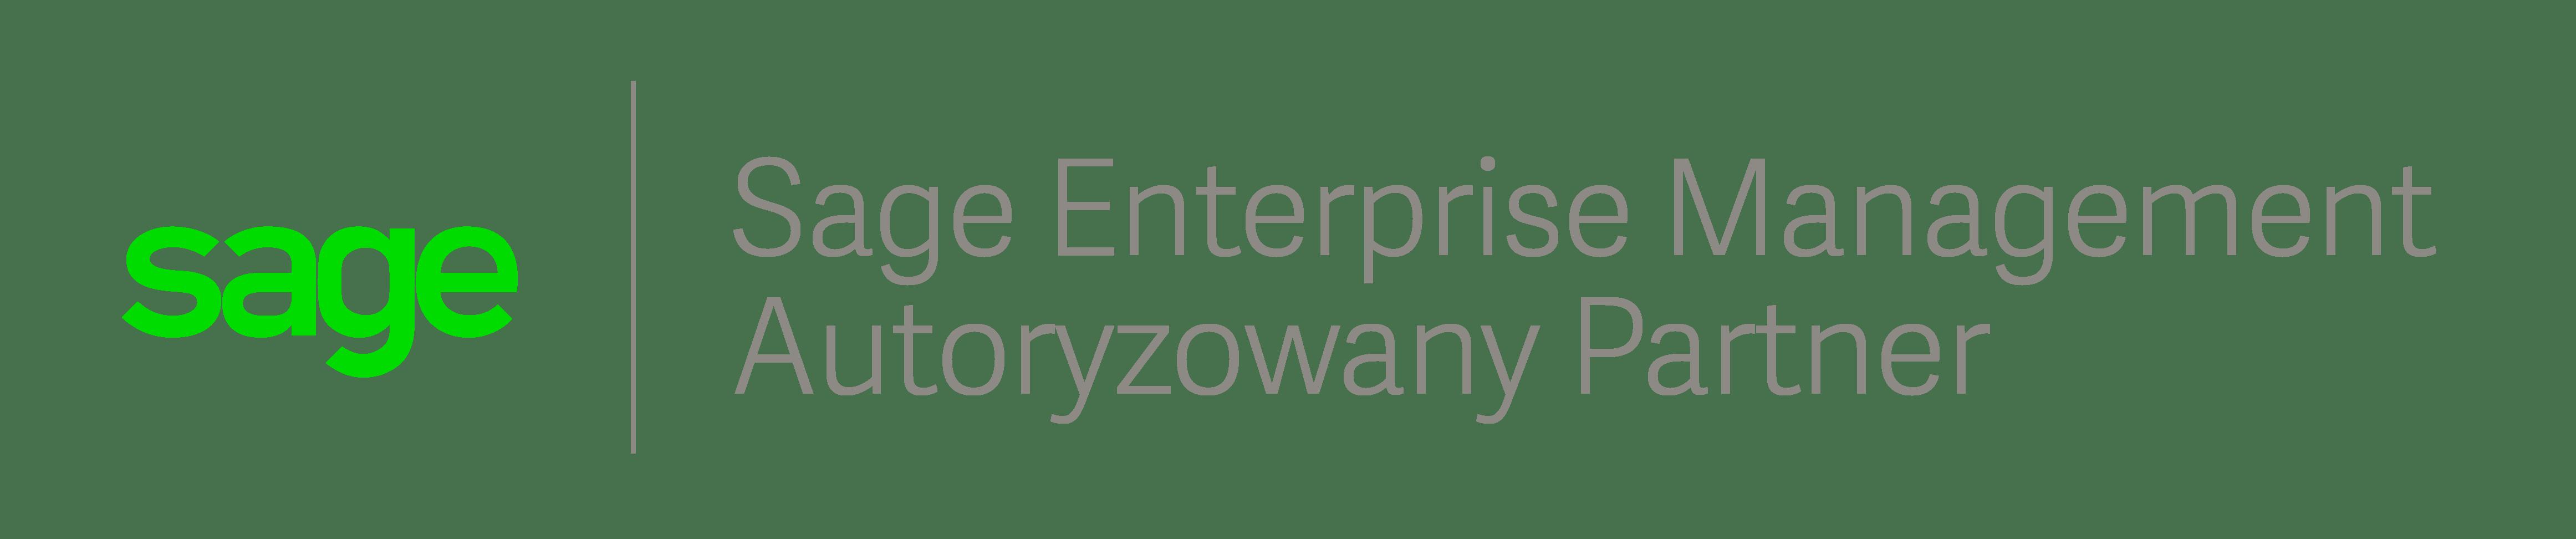 Sage Enterprise Management Partner